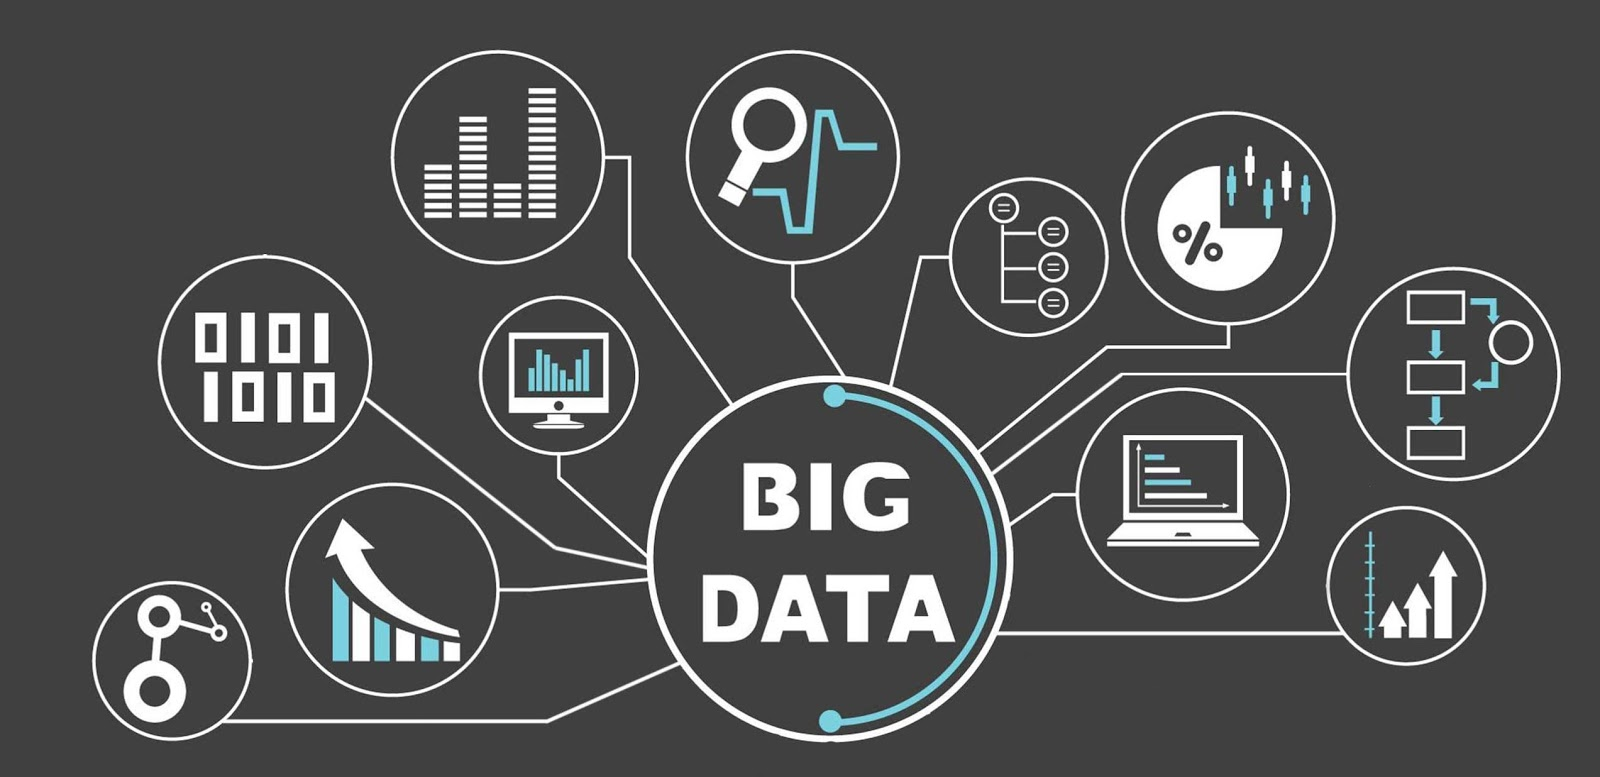 definisi pengertian arti jenis macam tipe karakteristik ciri big data teknologi internet bisnis perusahaan startup layanan efisiensi efektivitas produktivitas digital internet cara penggunaan fungsi tujuan manfaat pentingnya